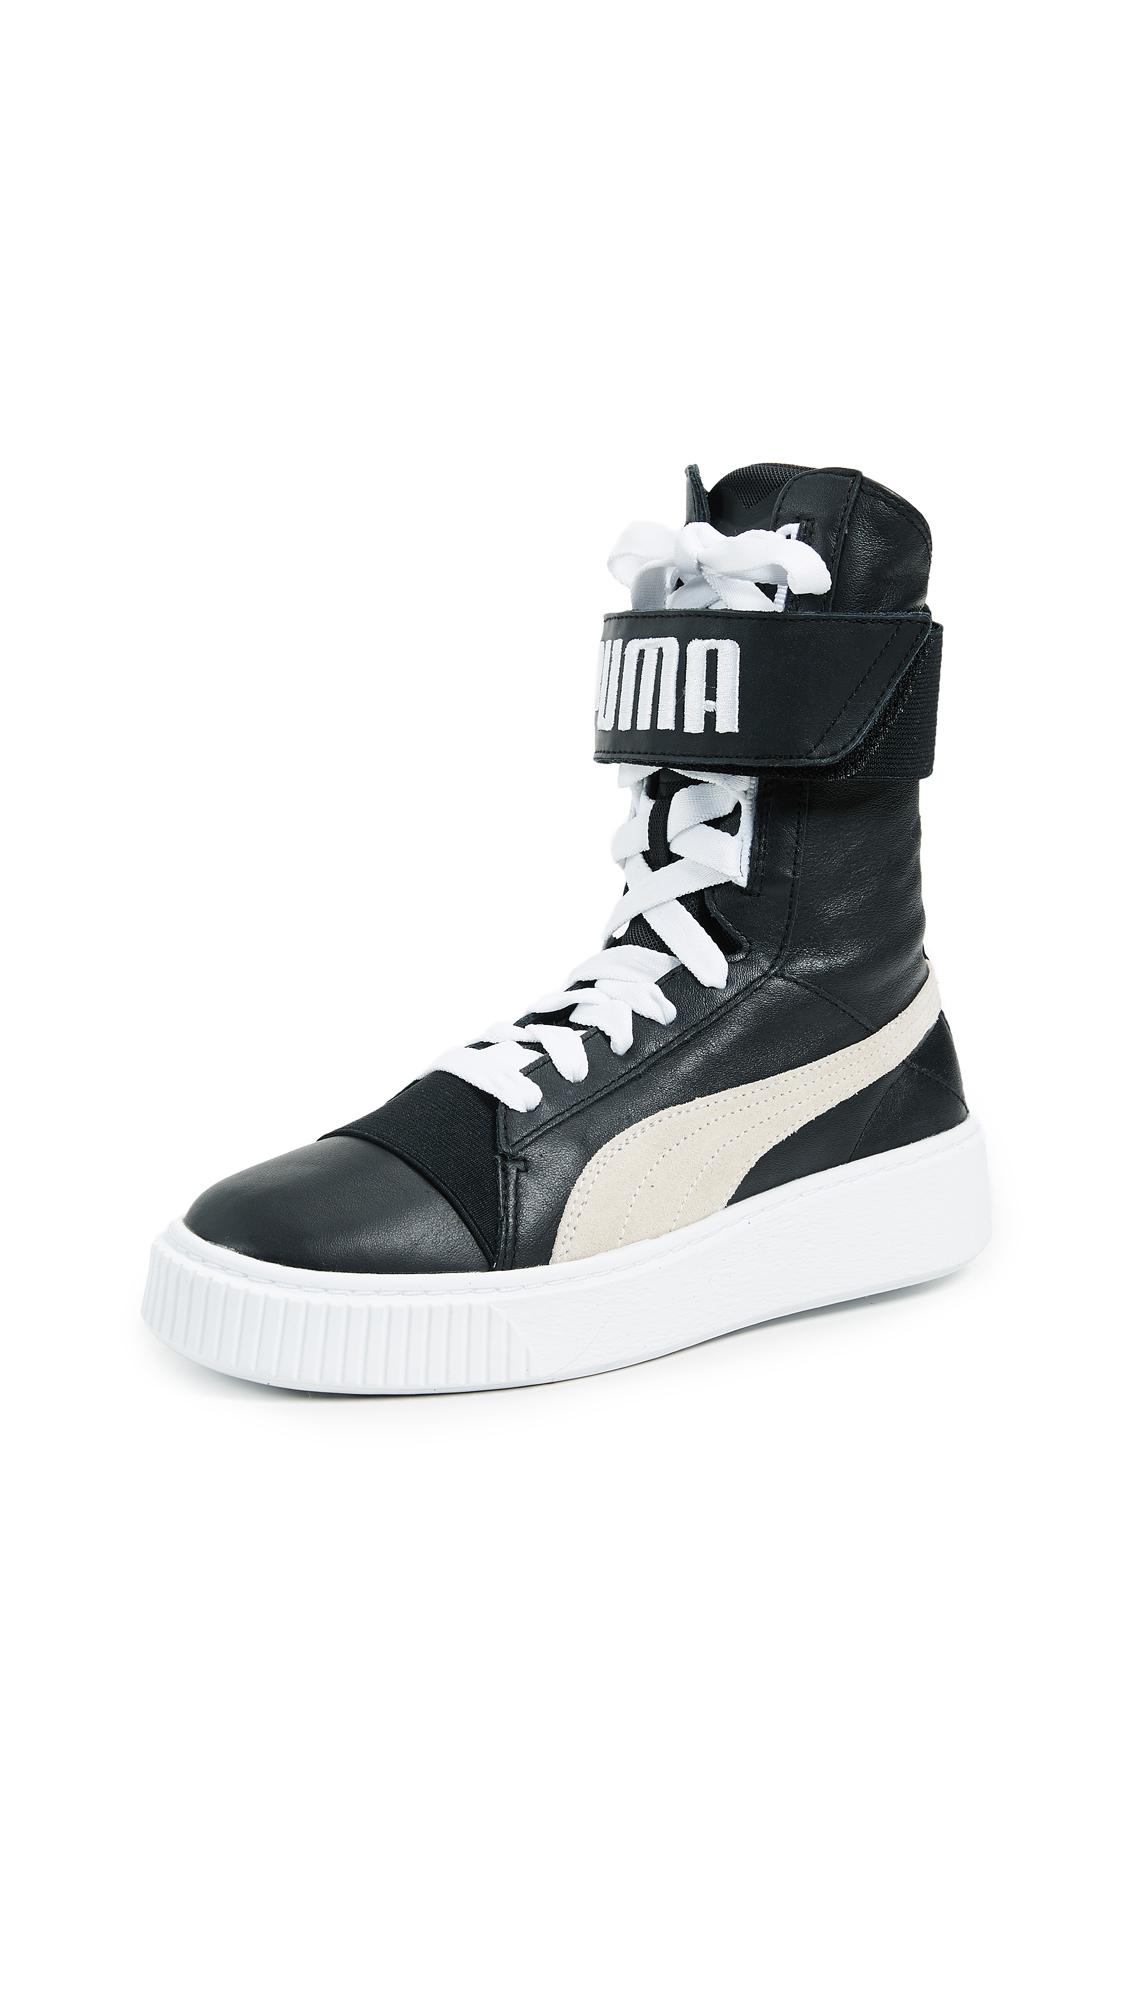 PUMA Puma Platform Boots - Puma Black/Puma White